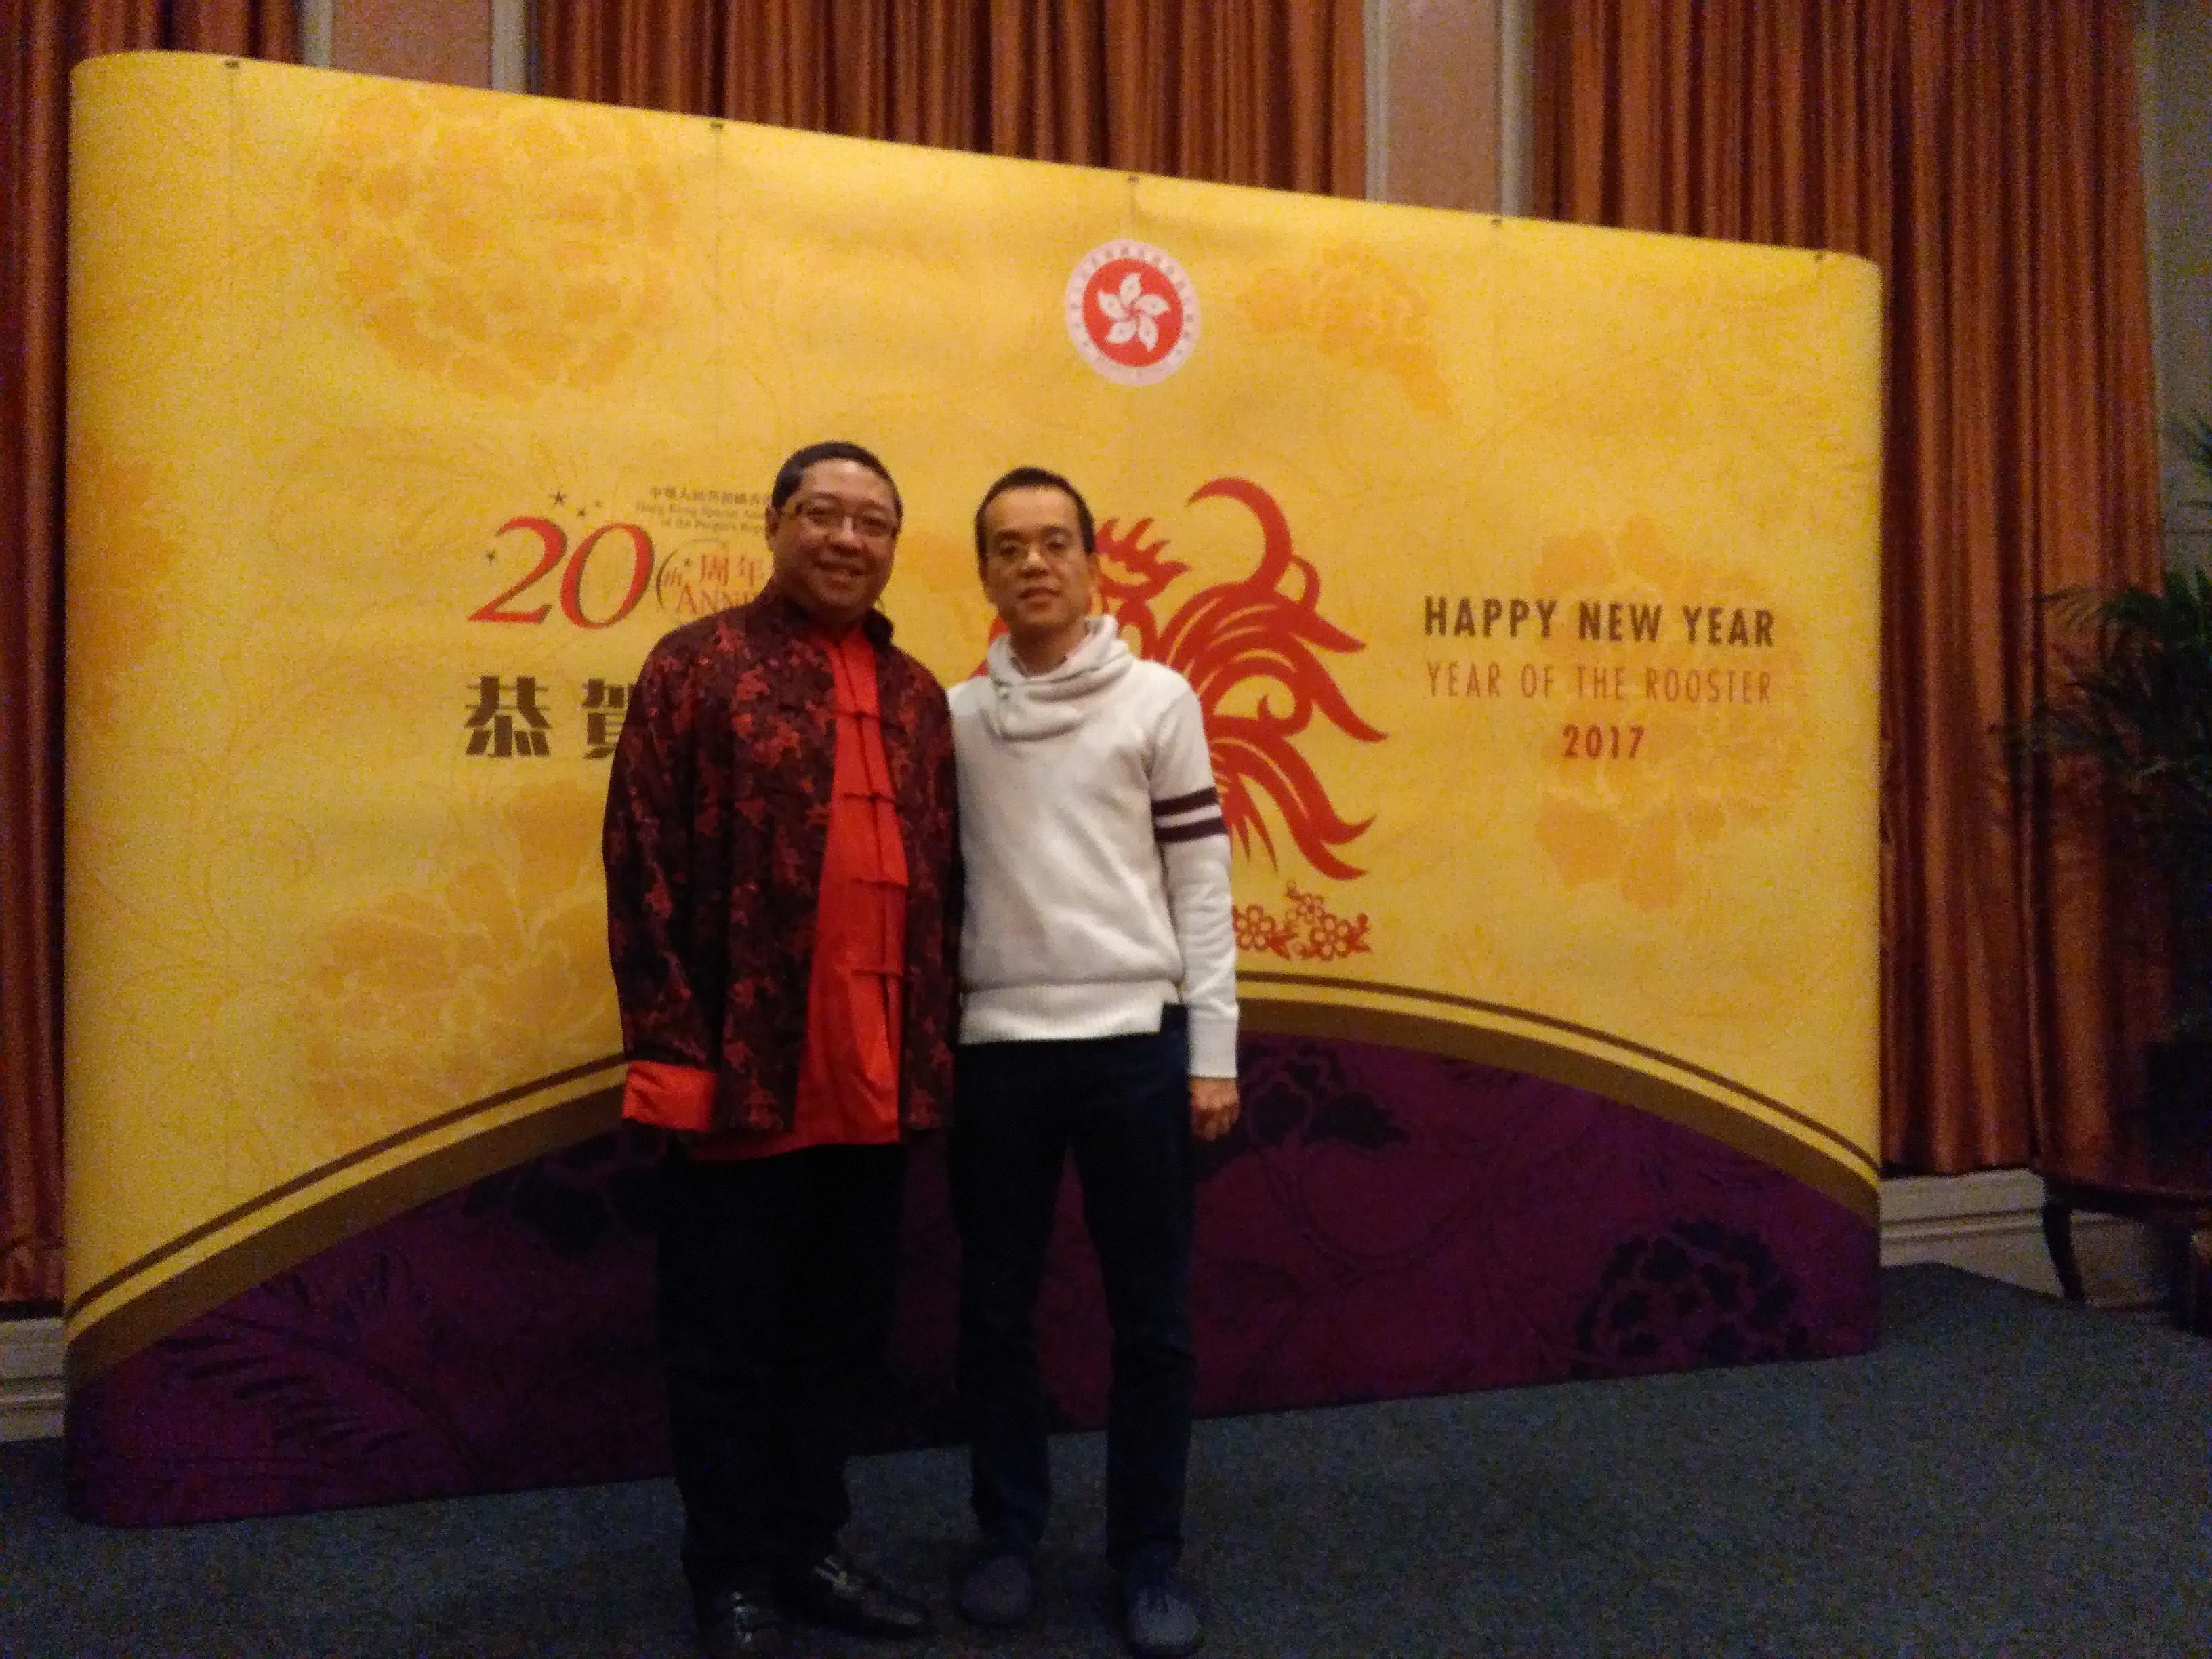 Left: Ronald Chin, Right: Hong Tong Wu (CRTV)